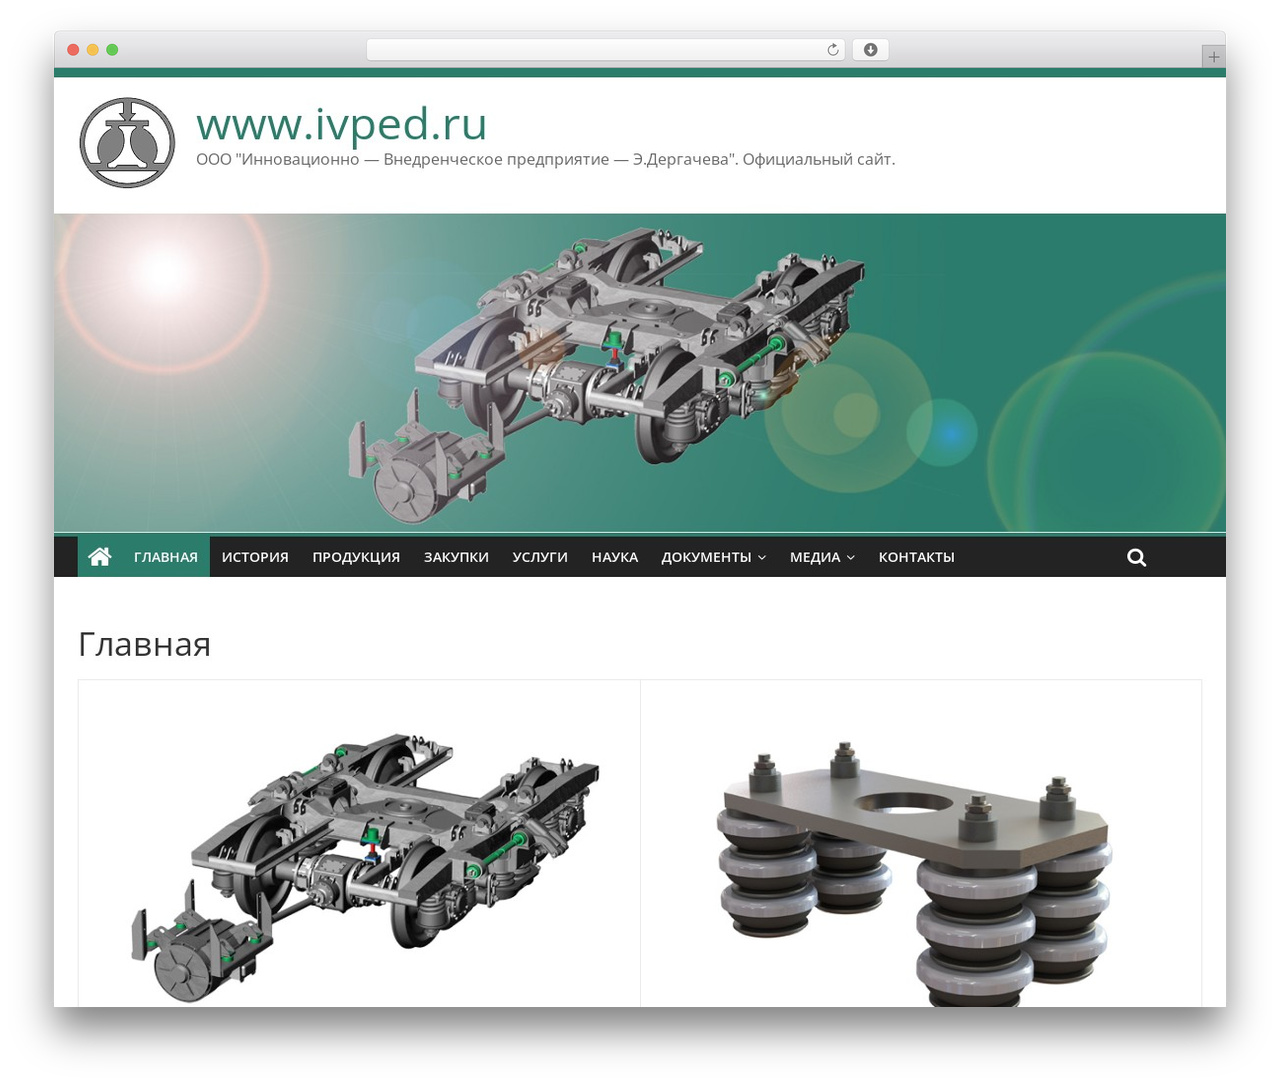 ColorMag best free WordPress theme - ivped.ru